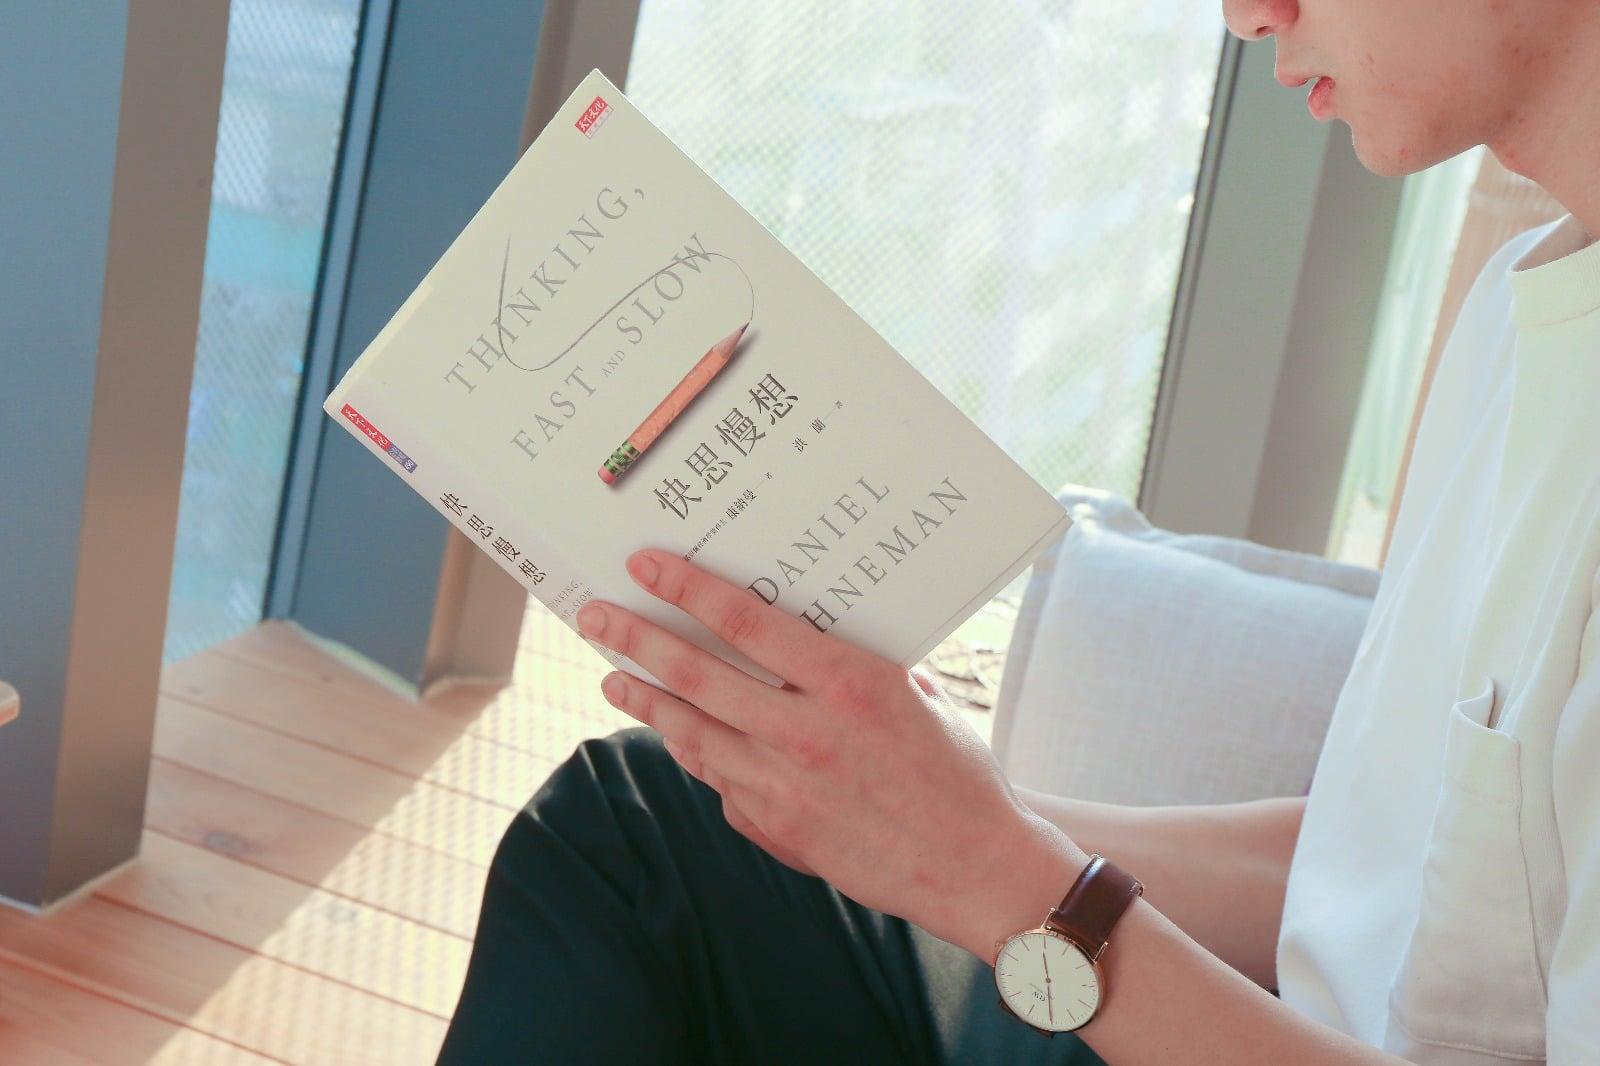 三個助你明智下決定的心理學智慧 - 取自快思慢想一書 1